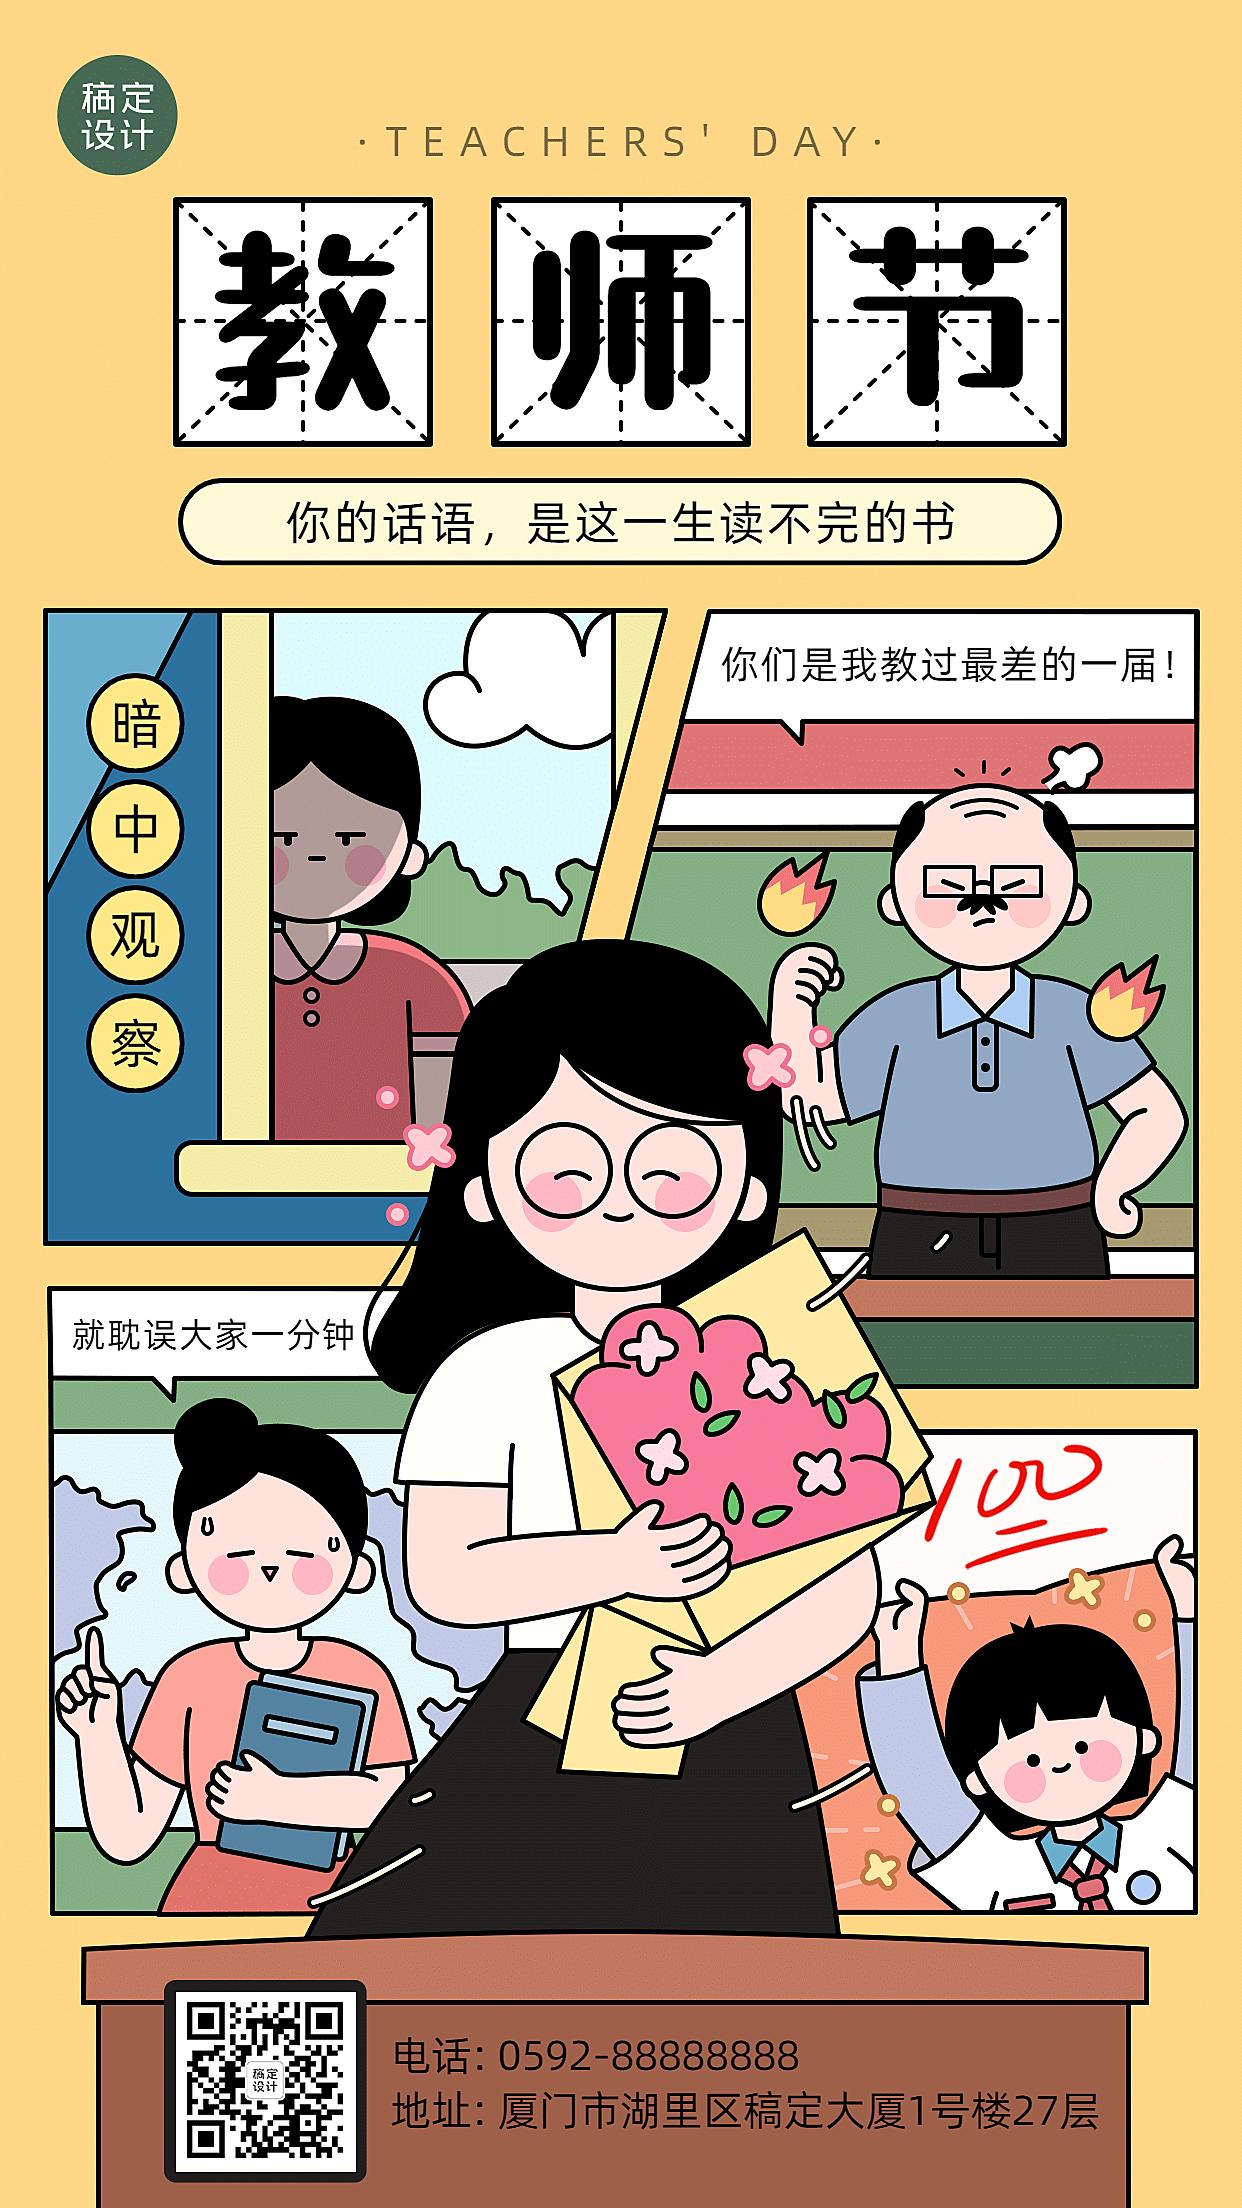 教师节快乐节日祝福手绘手机海报